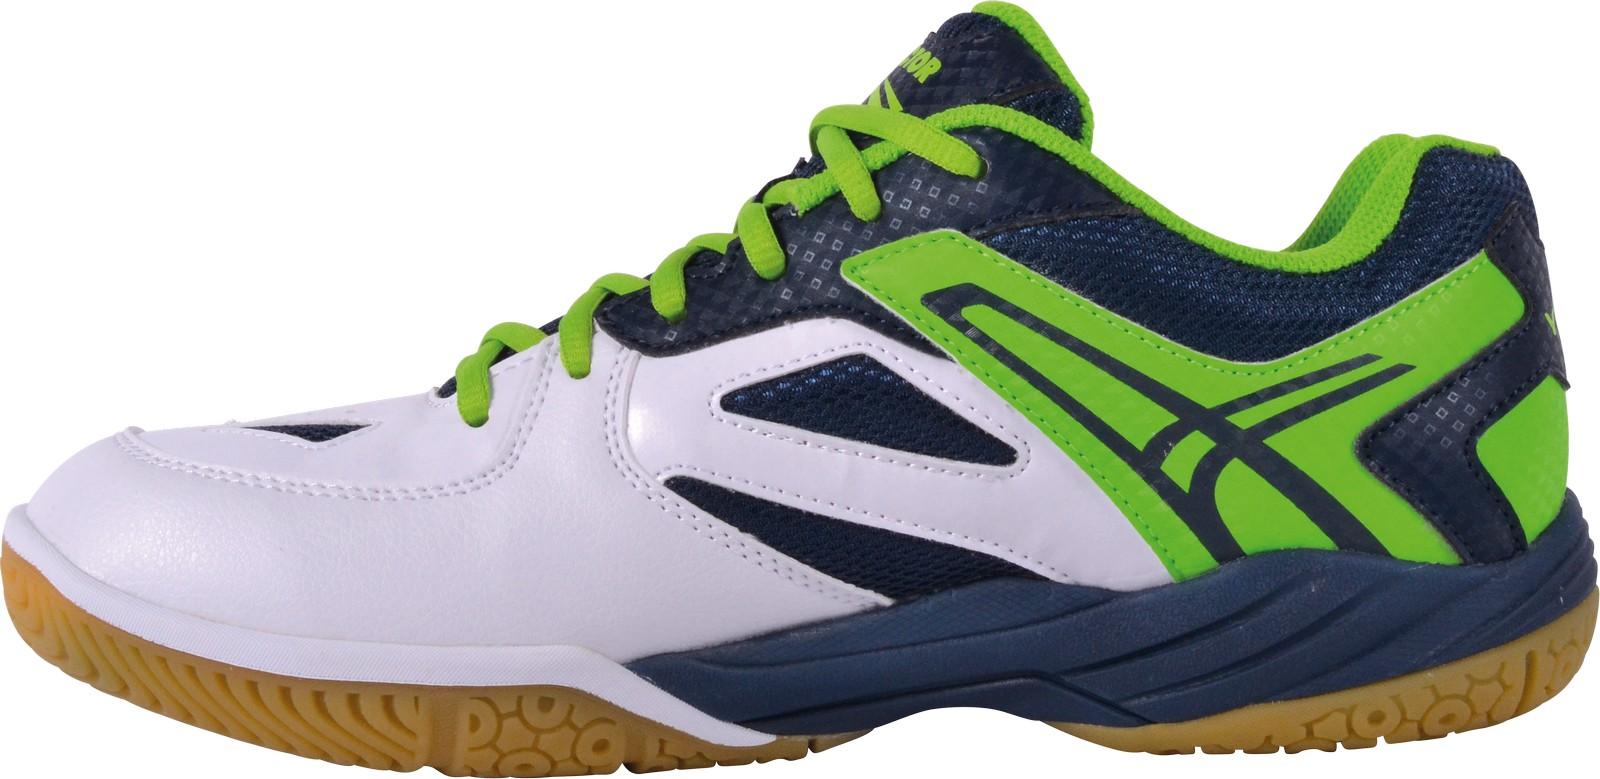 Details zu VICTOR A501 grün Badminton Squash Tischtennis Hallenschuh Sportschuh